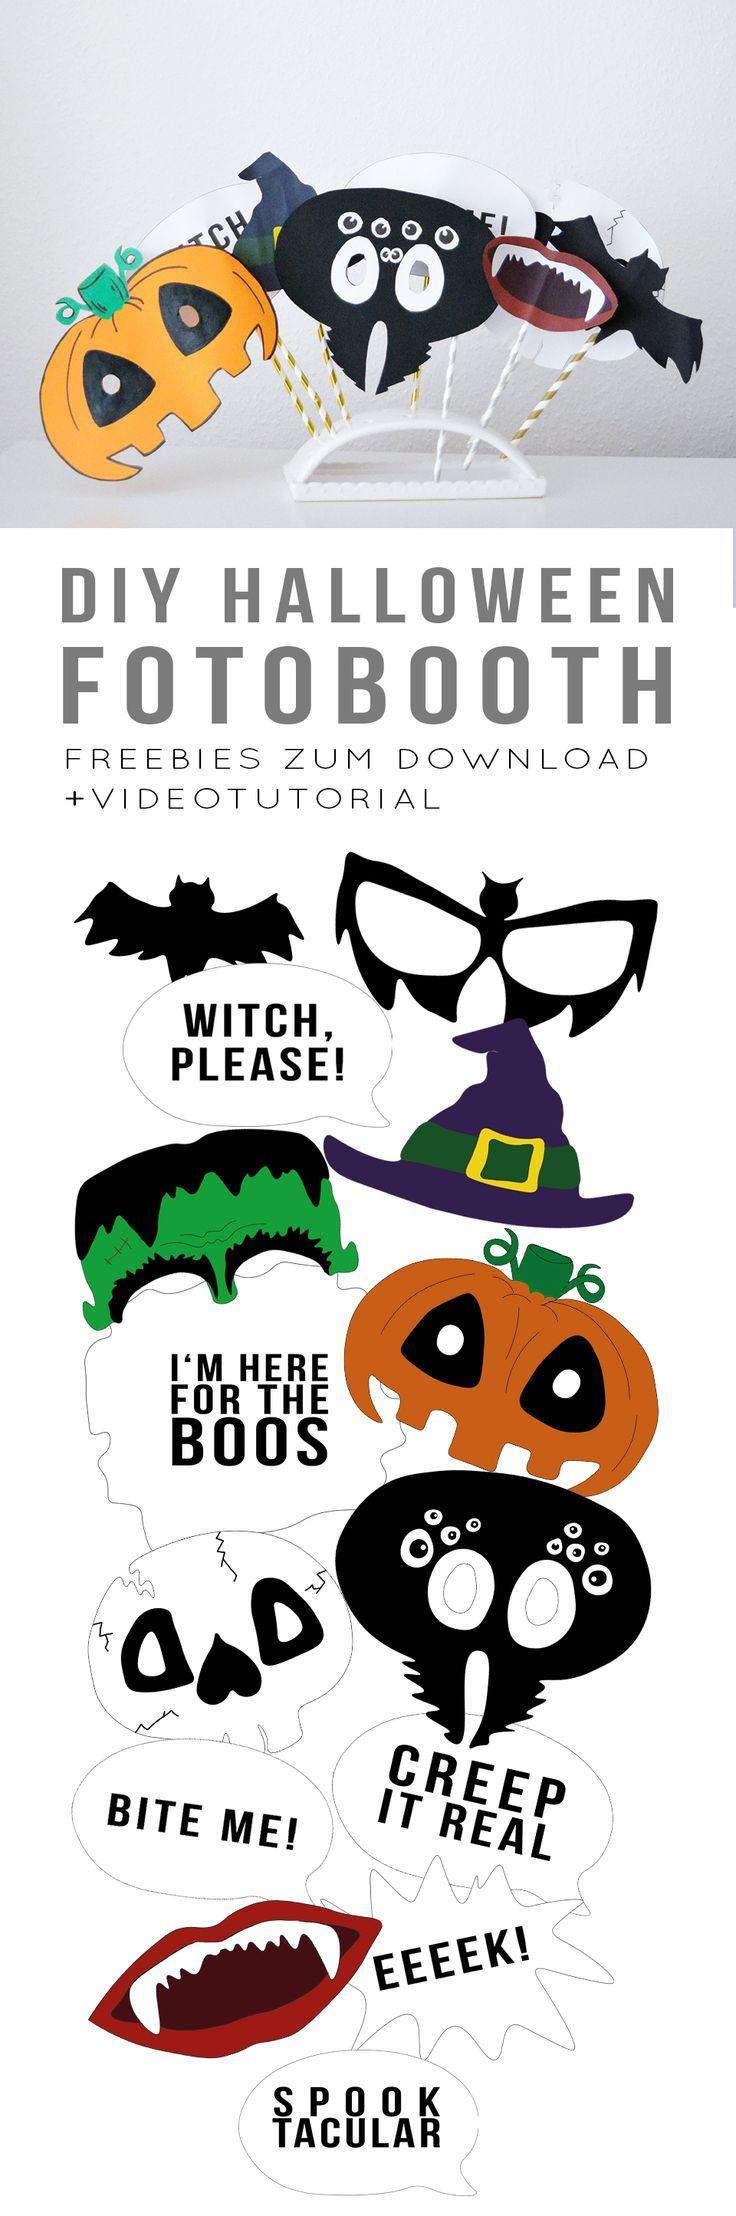 Freebie runterladen, ausdrucken und rumblödeln! Mit diesen Fotoprops für Deine Halloween Fotobooth kannst Du so richtig schöne bescheuerte Partyfotos machen! Schau Dir das Videotutorial an, wenn Du selbst basteln willst, oder lade Dir einfach die Freebie Vorlage auf dem Blog herunter, drucke die Vorlage aus und klebe alles auf Papierstrohhalme. Das DIY ist wirklich super einfach und man kann die Fotoprops auch prima zusammen mit Kindern basteln. Happy Halloween! #halloween